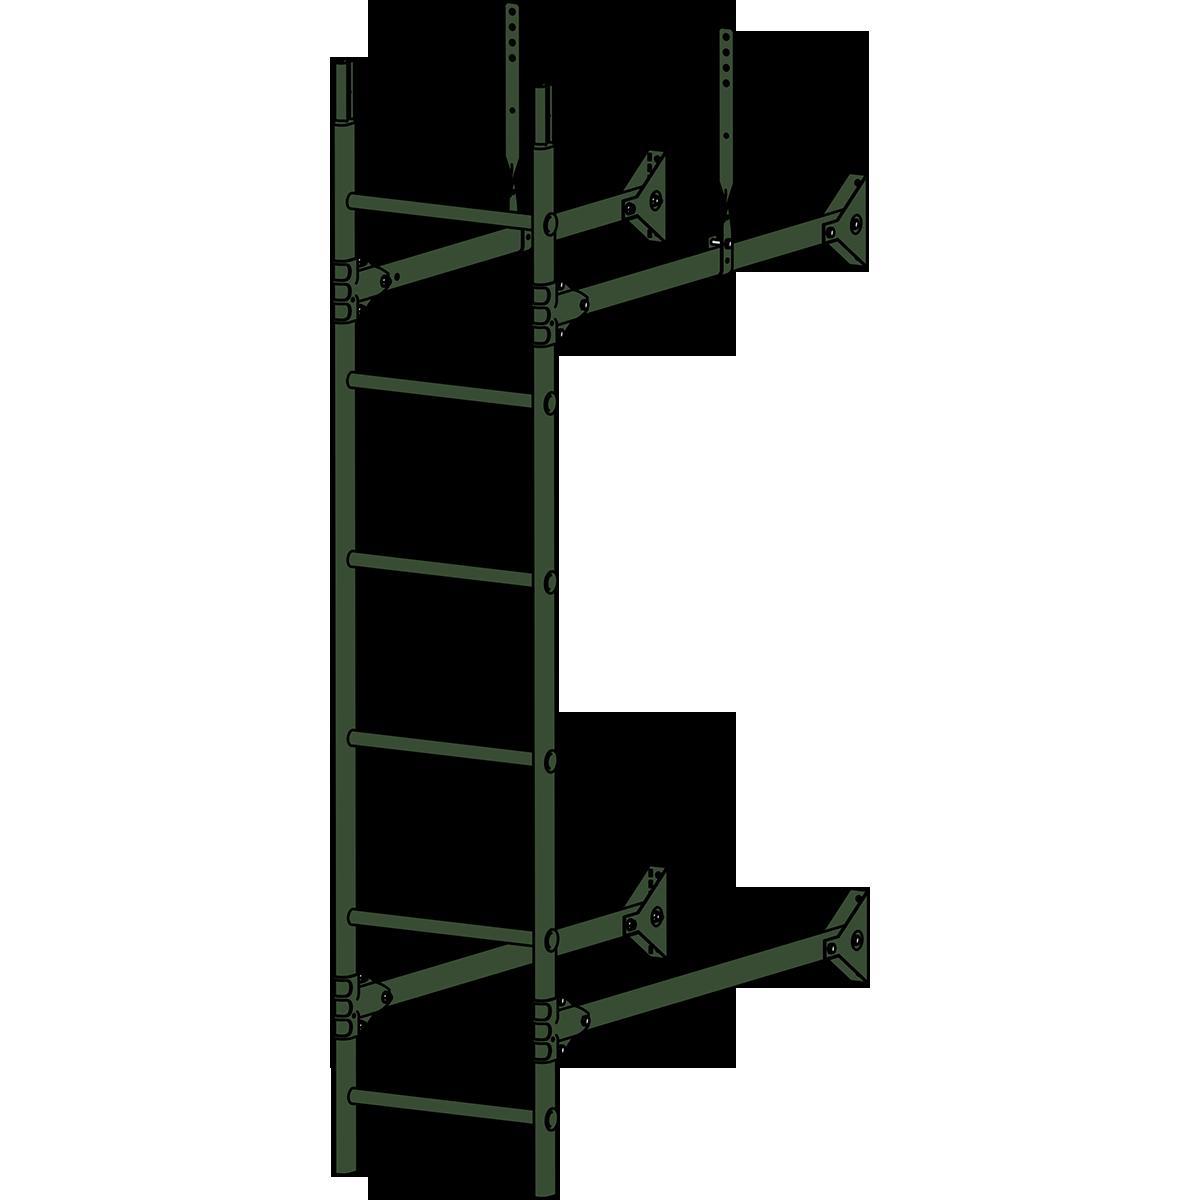 Лестница стеновая PRESTIGE ZN 3м RAL 6020 Зеленый хром